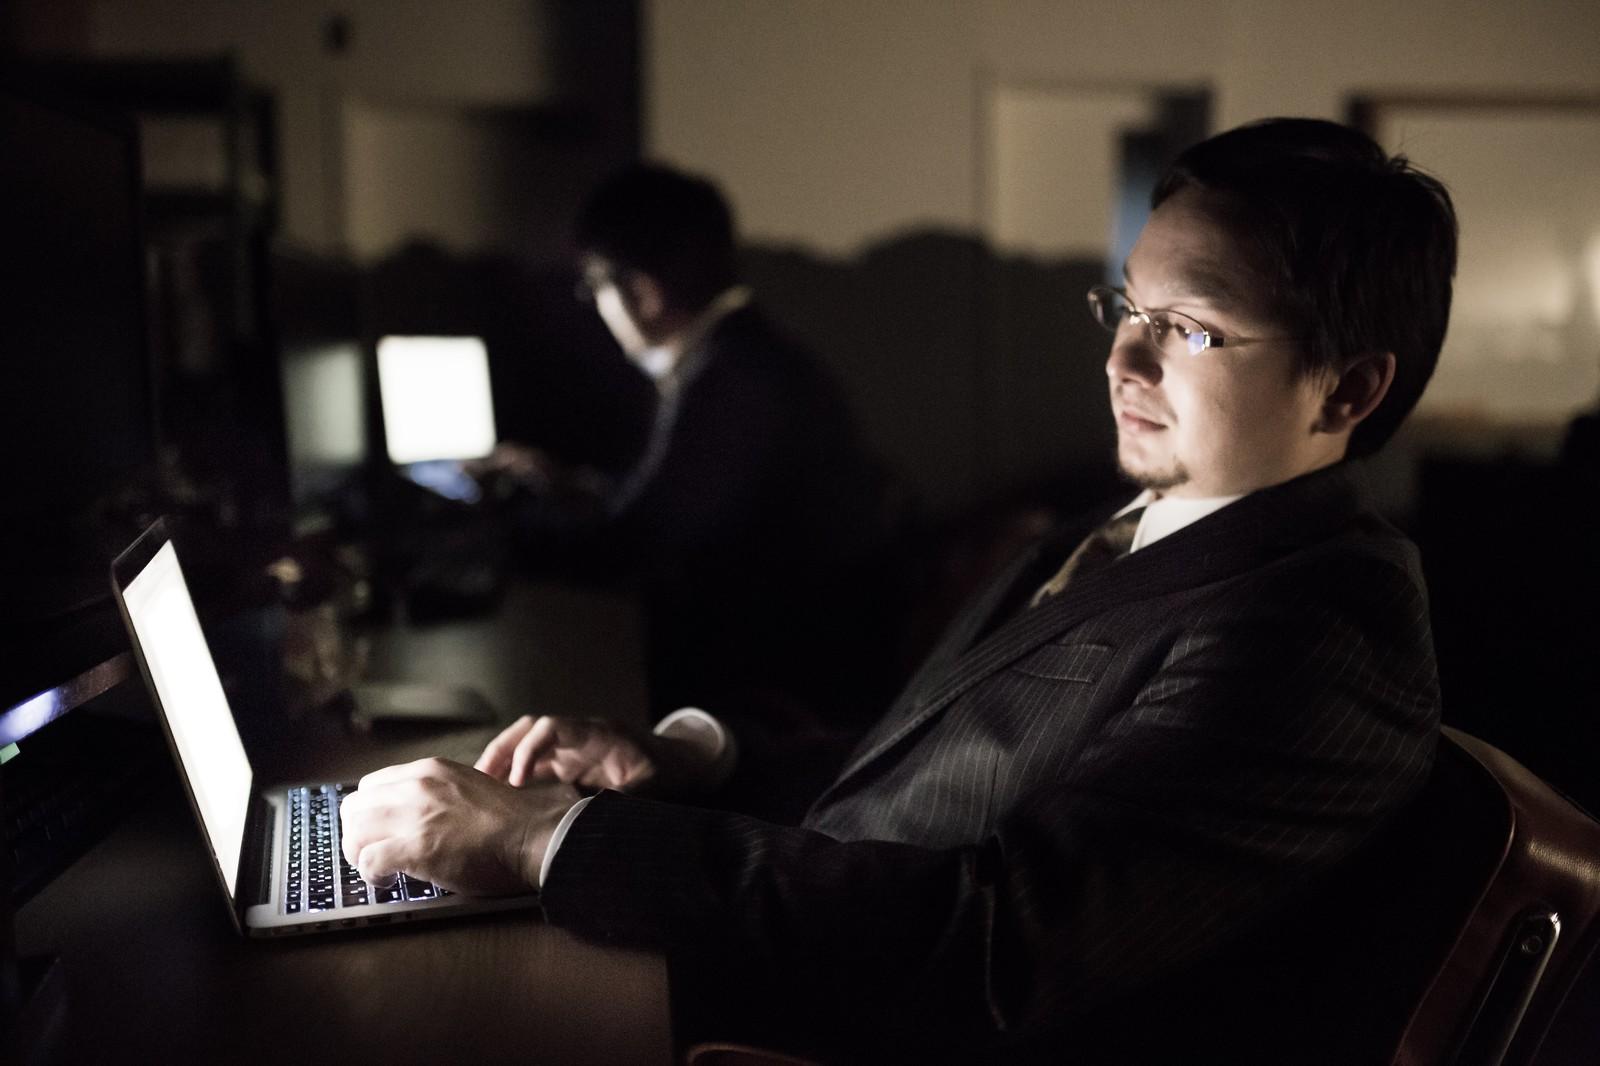 ブラック企業から脱出して、転職することは可能でしょうか?